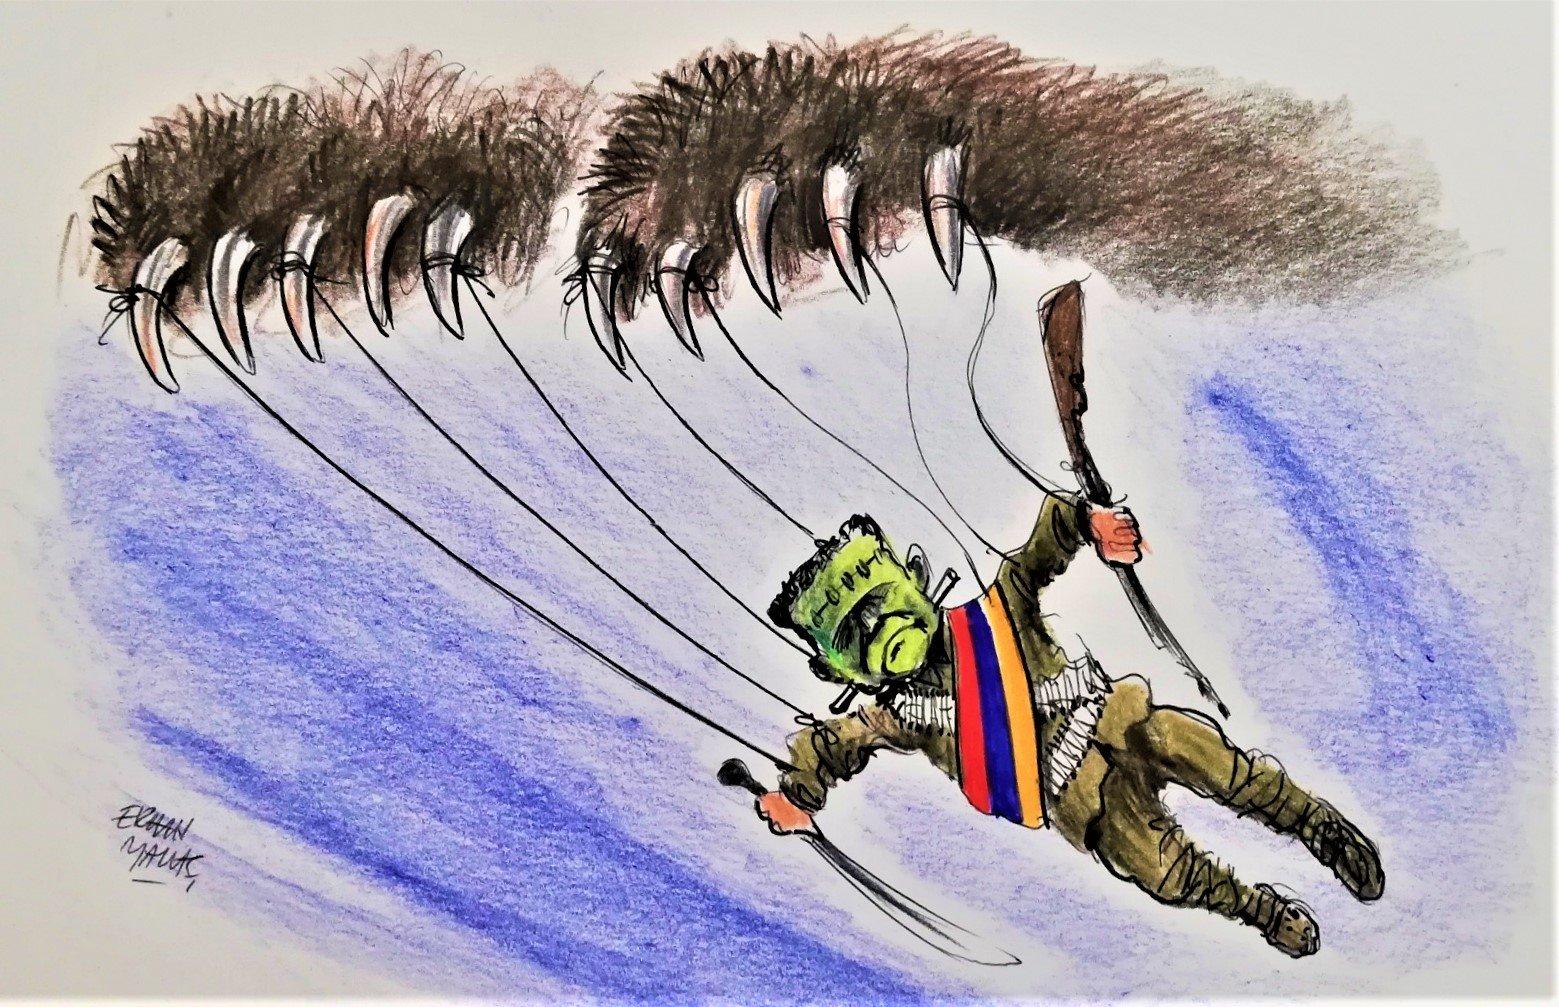 Ermenistan saldırısı çizimi